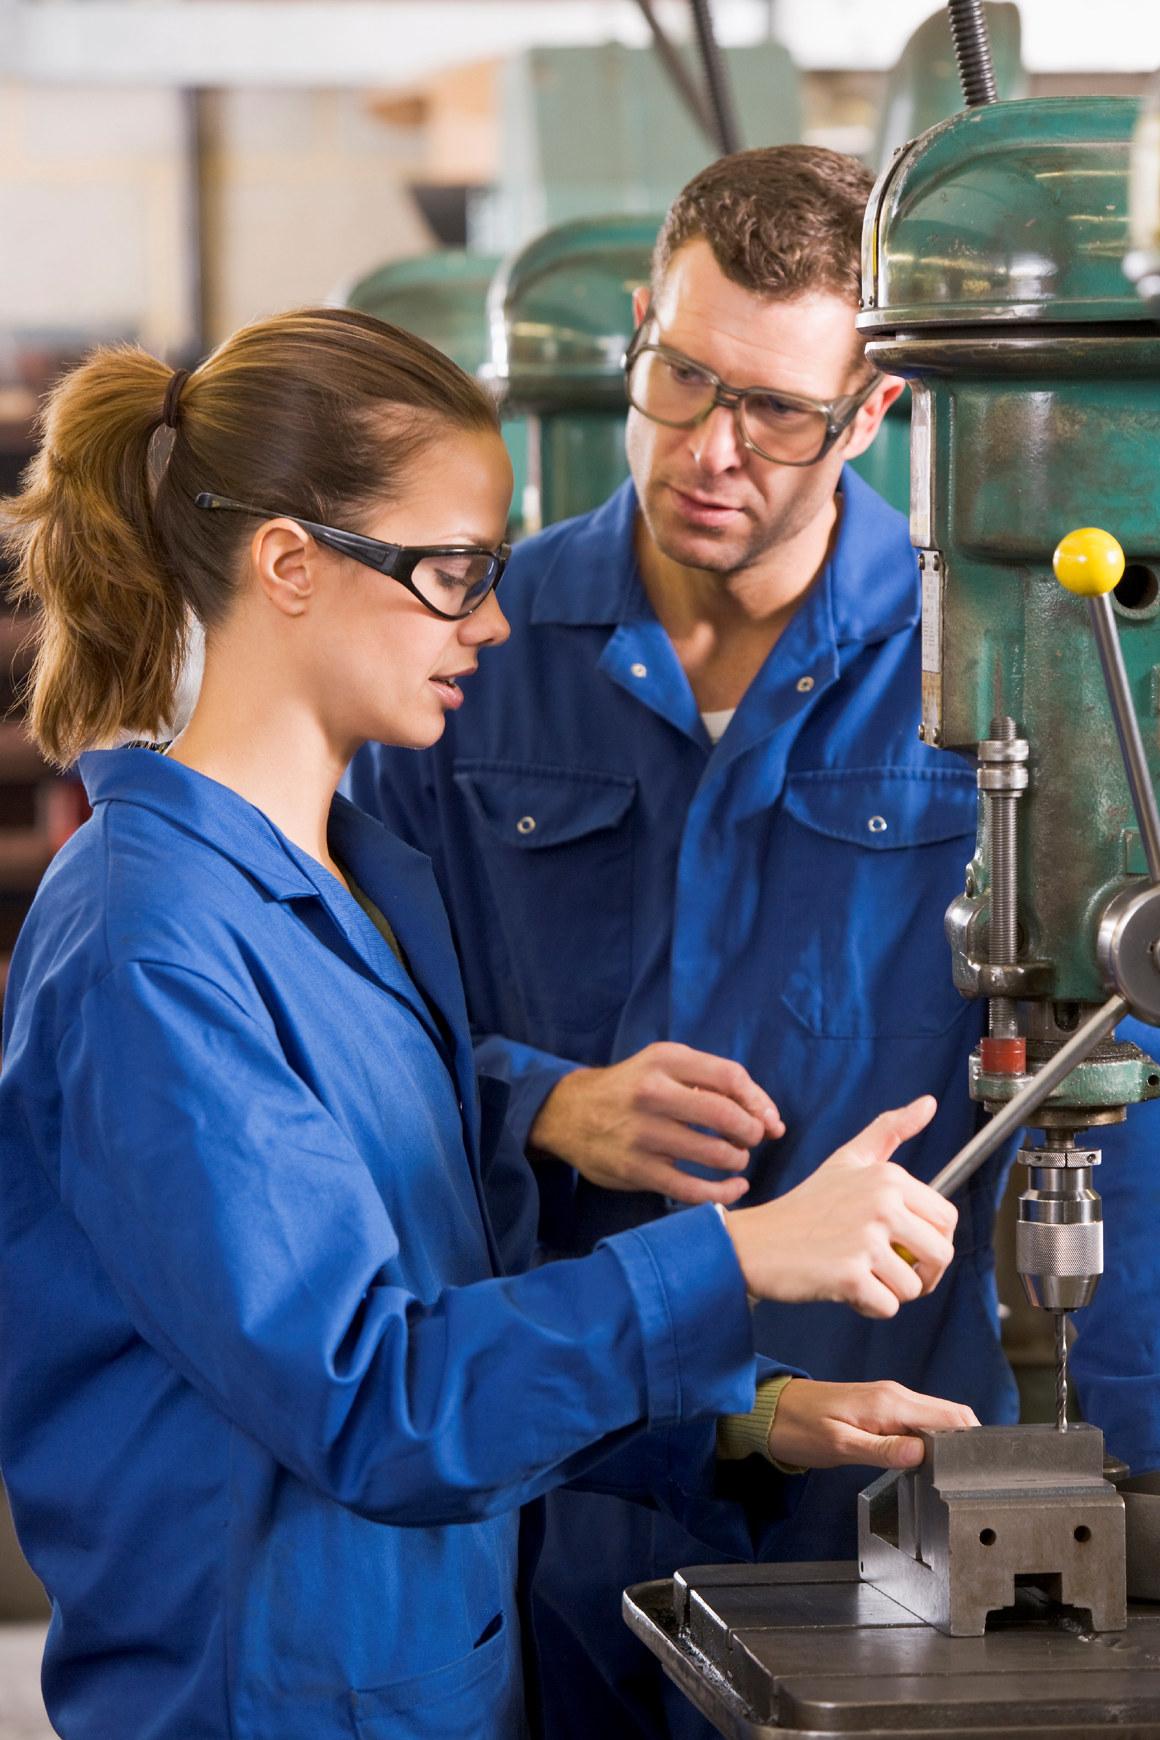 Mann og kvinne jobber på verksted. Foto.